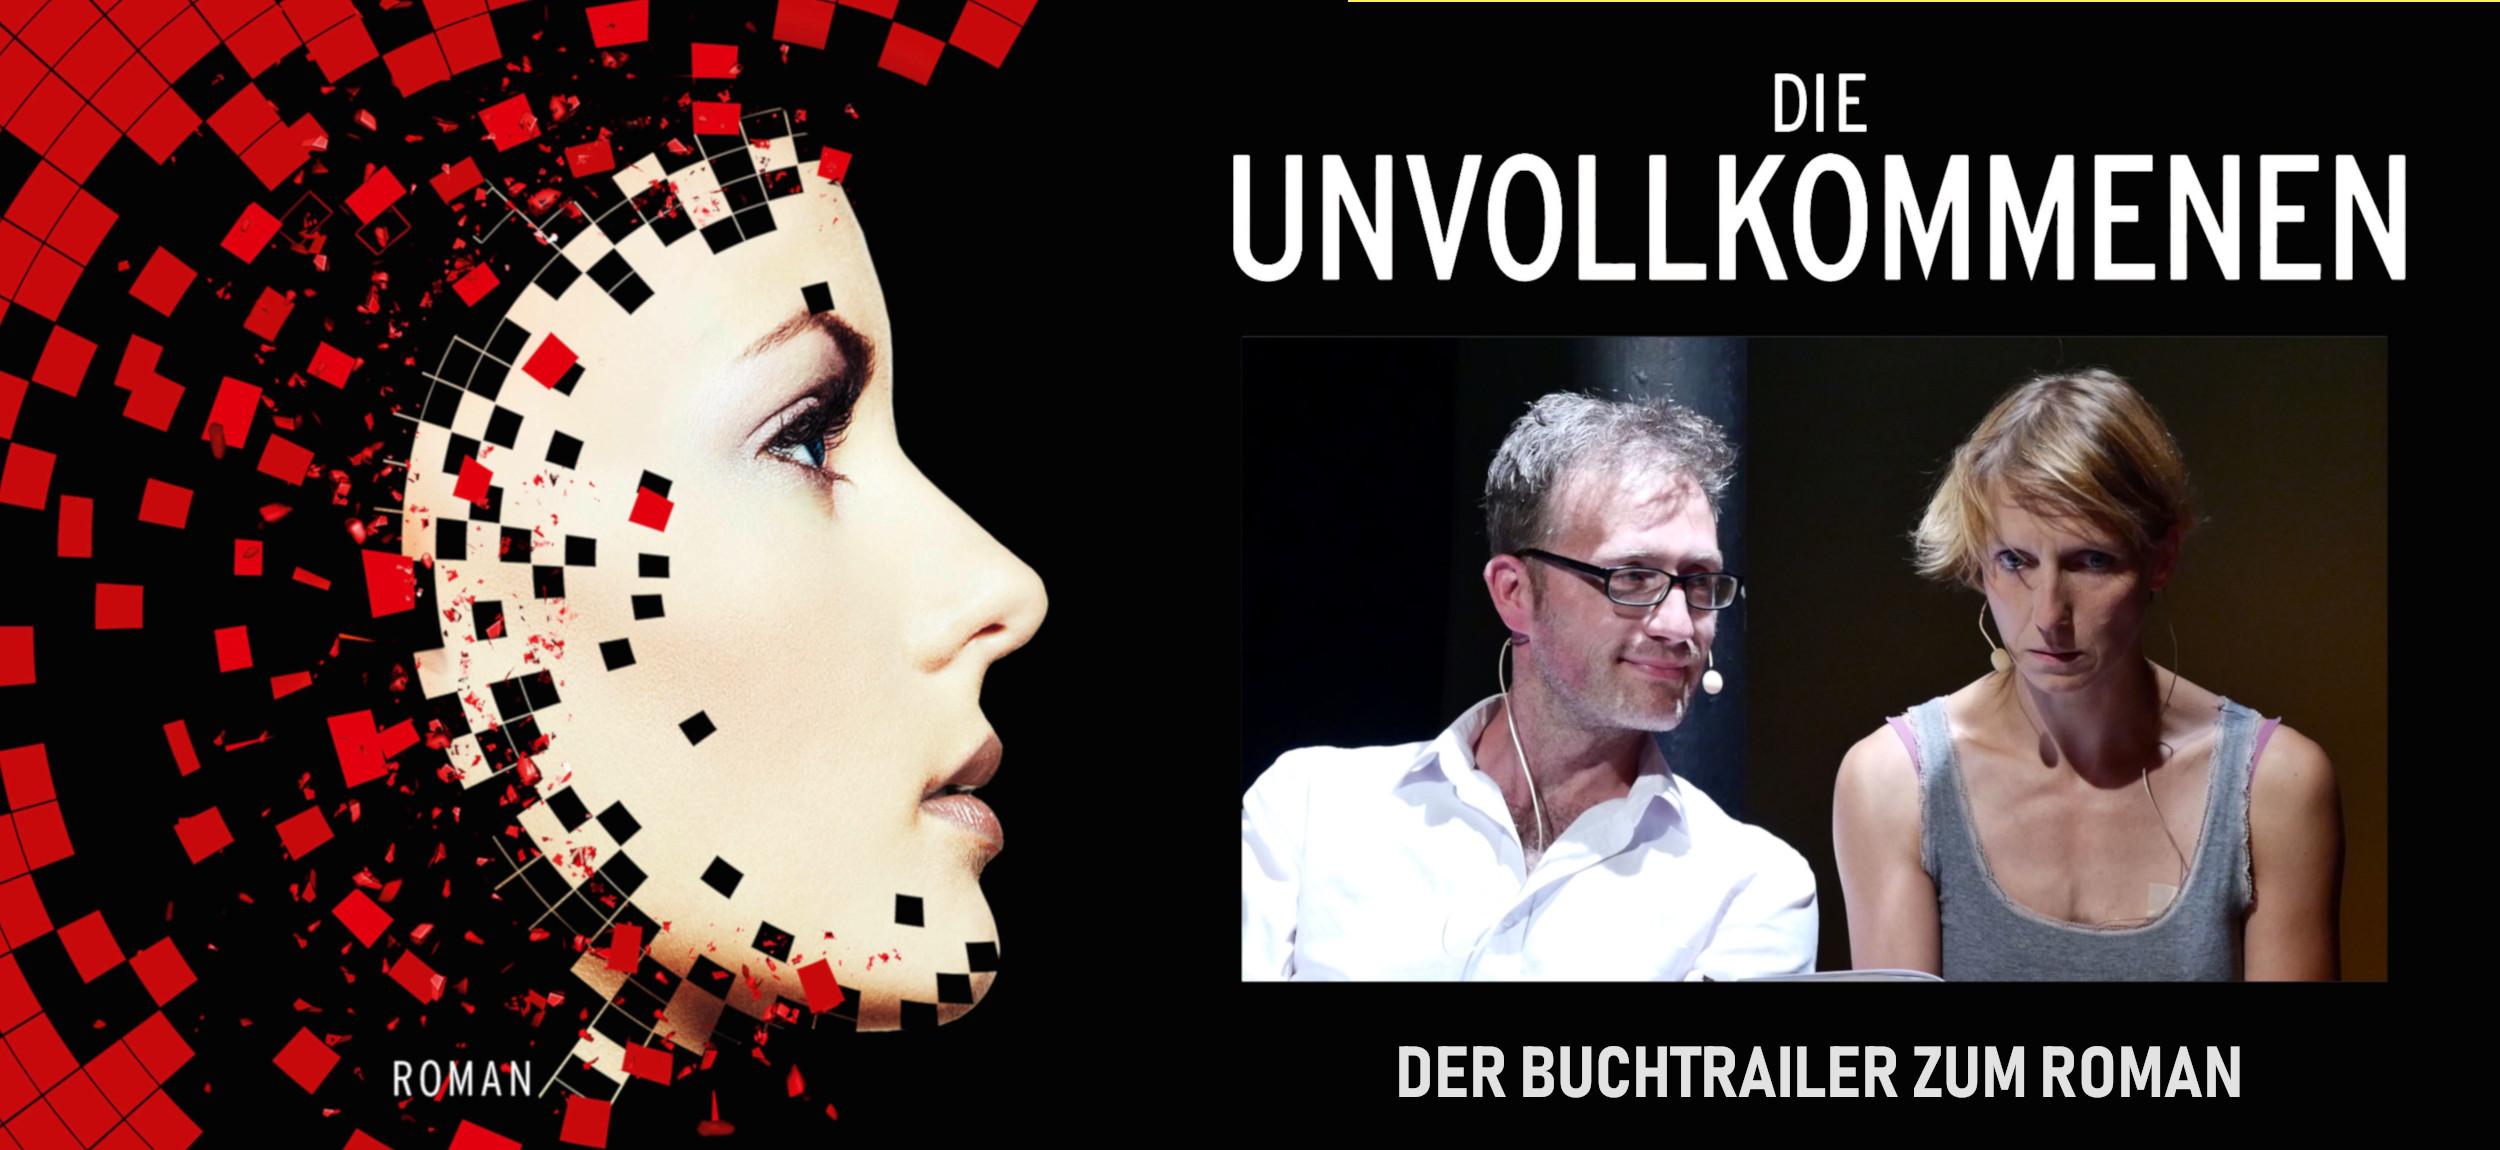 """TRAILER zum neuen Roman """"Die Unvollkommenen"""""""